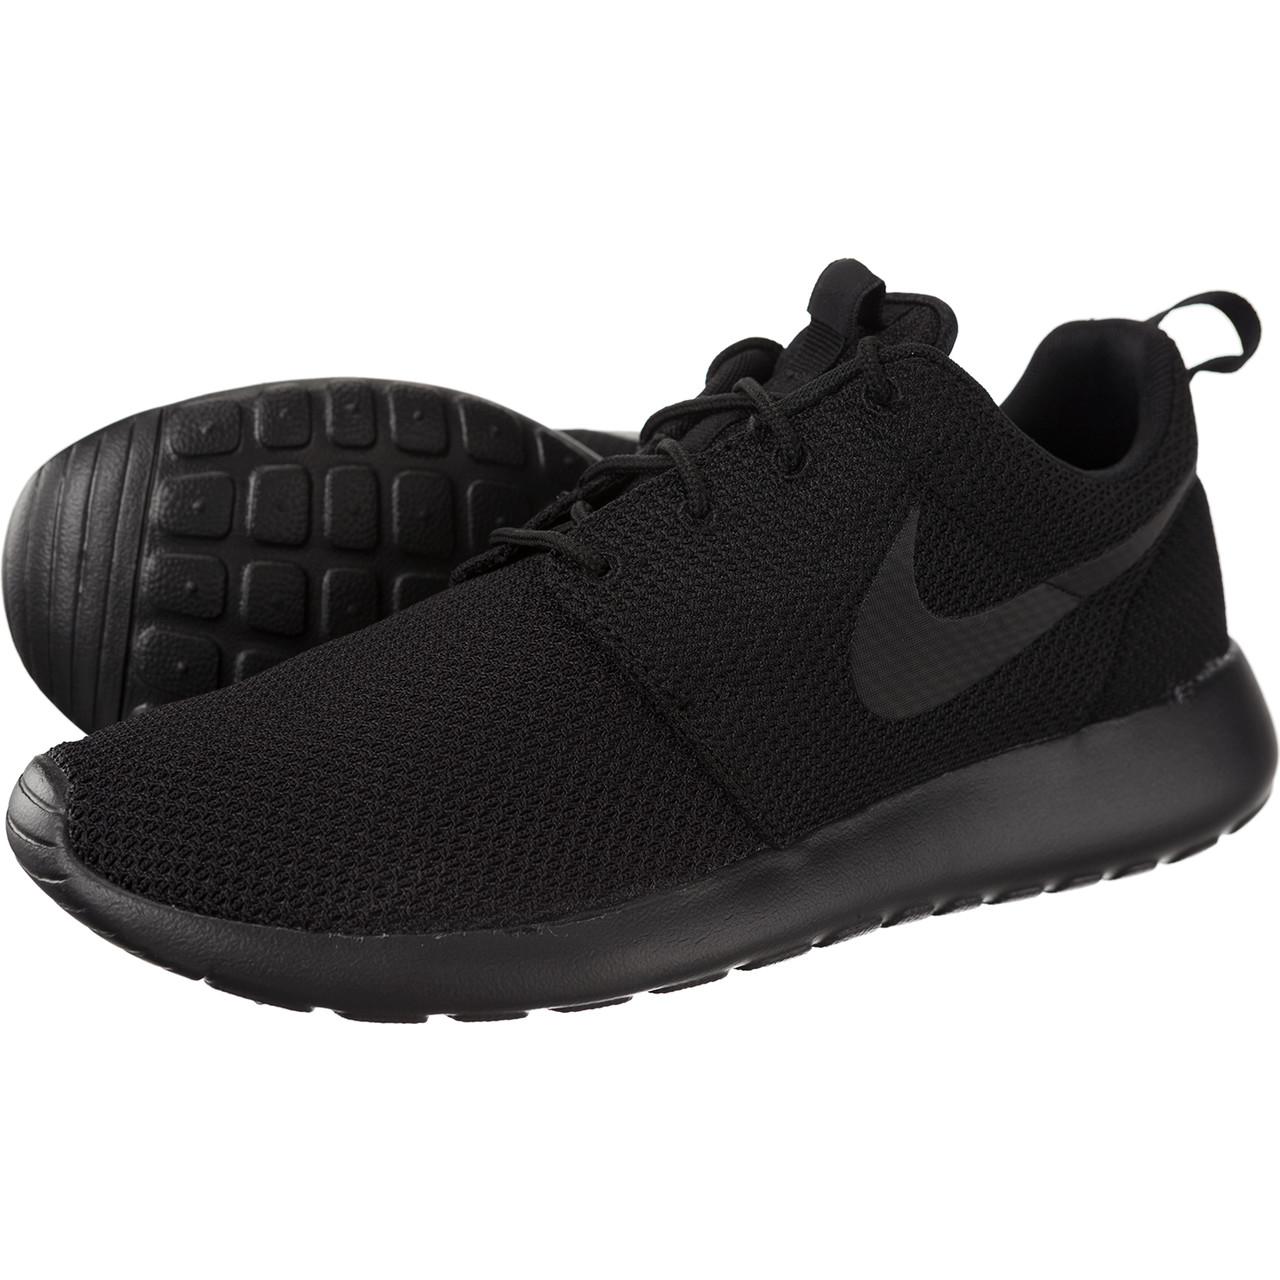 All Black Roshe Nike Shoes